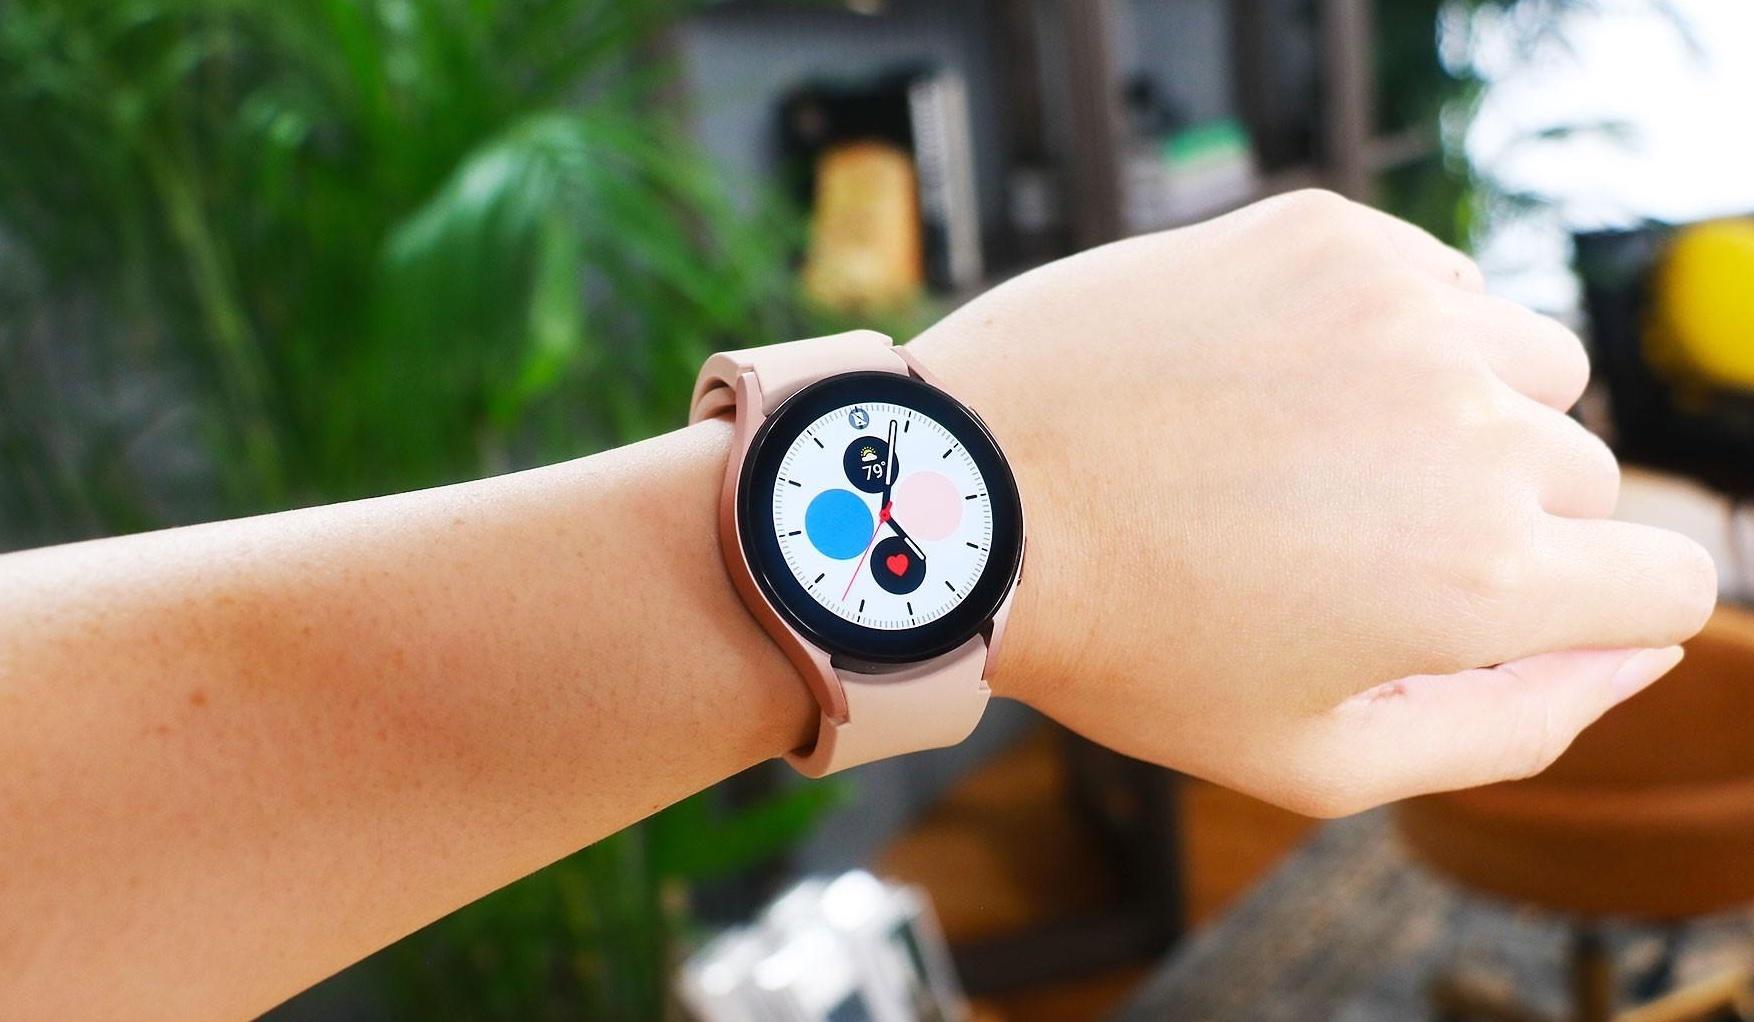 Samsung урезала функции часов Watch 4 на всех смартфонах, кроме Galaxy